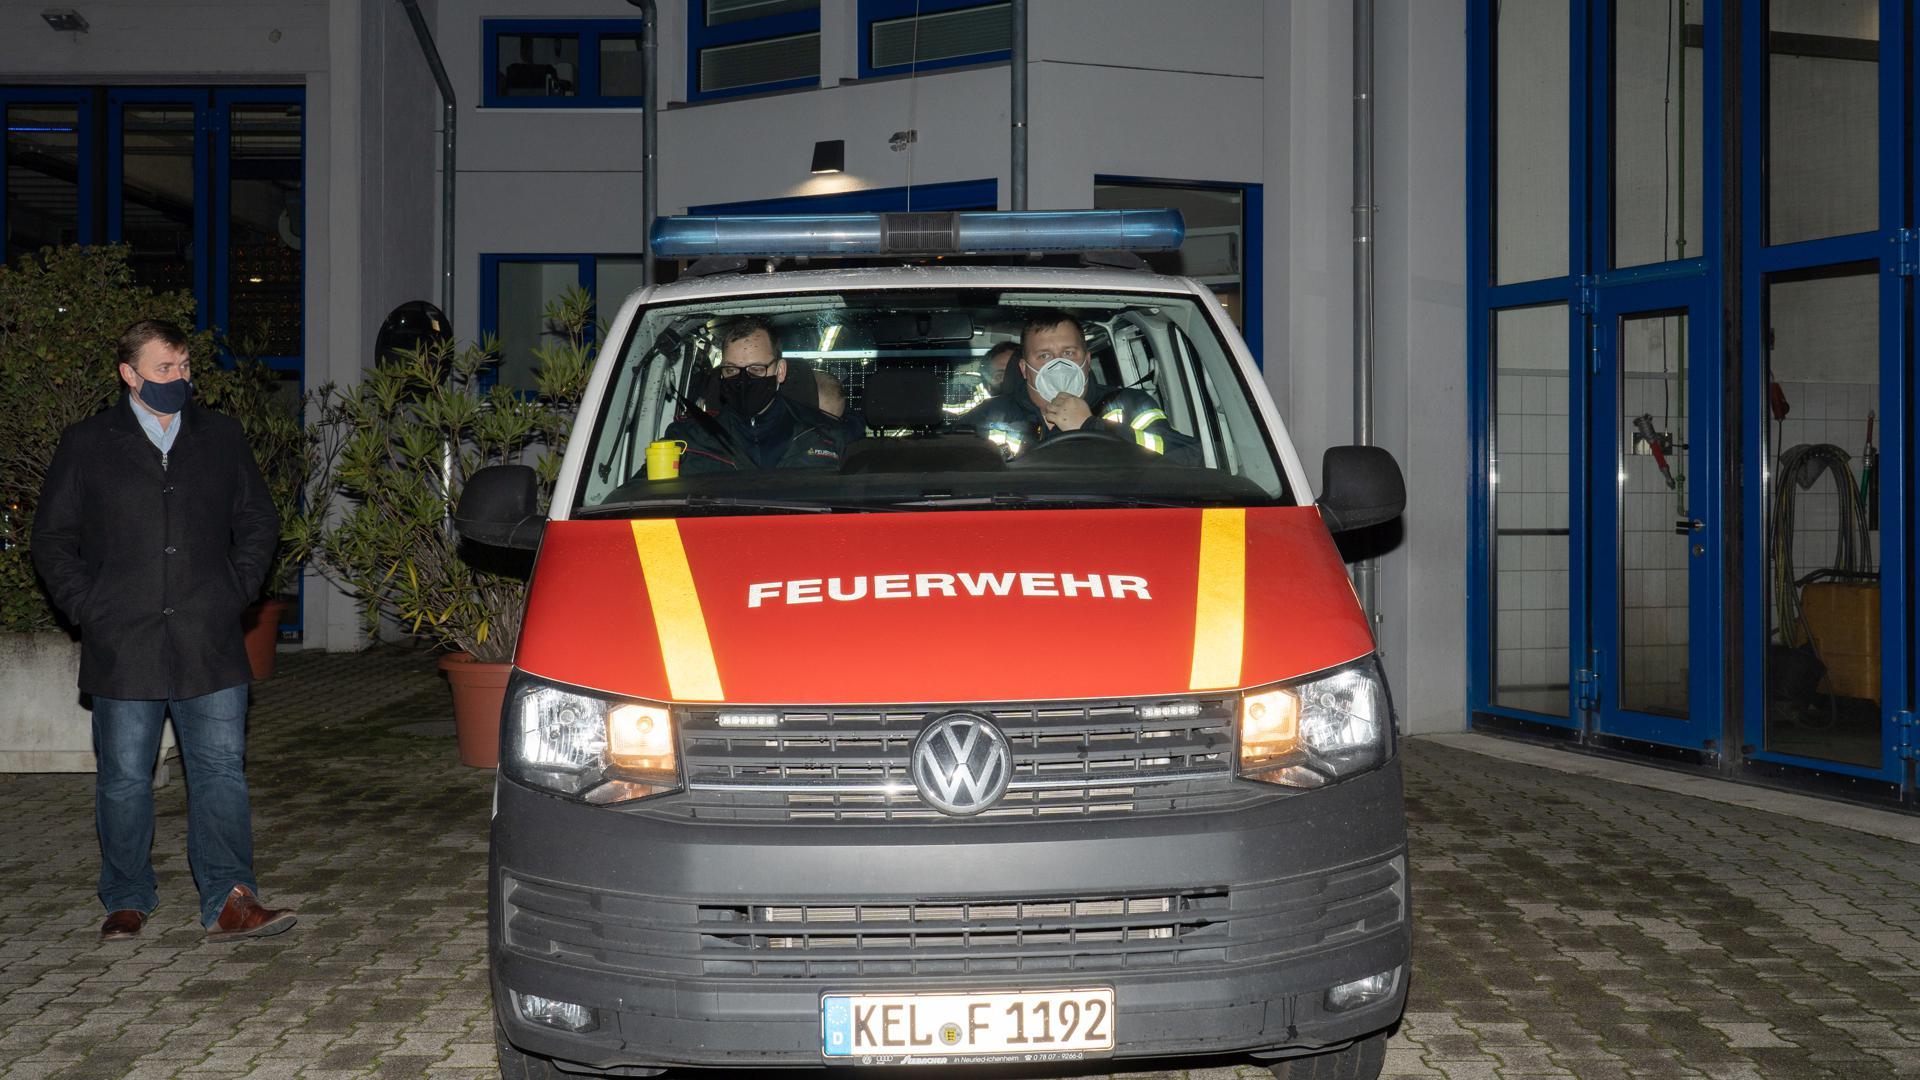 Vier Feuerwehrmänner aus Kehl leisten Hilfe im von einem Erdbeben der Stärke 6,4 auf der Richterskala getroffenen Sisak in Kroatien..